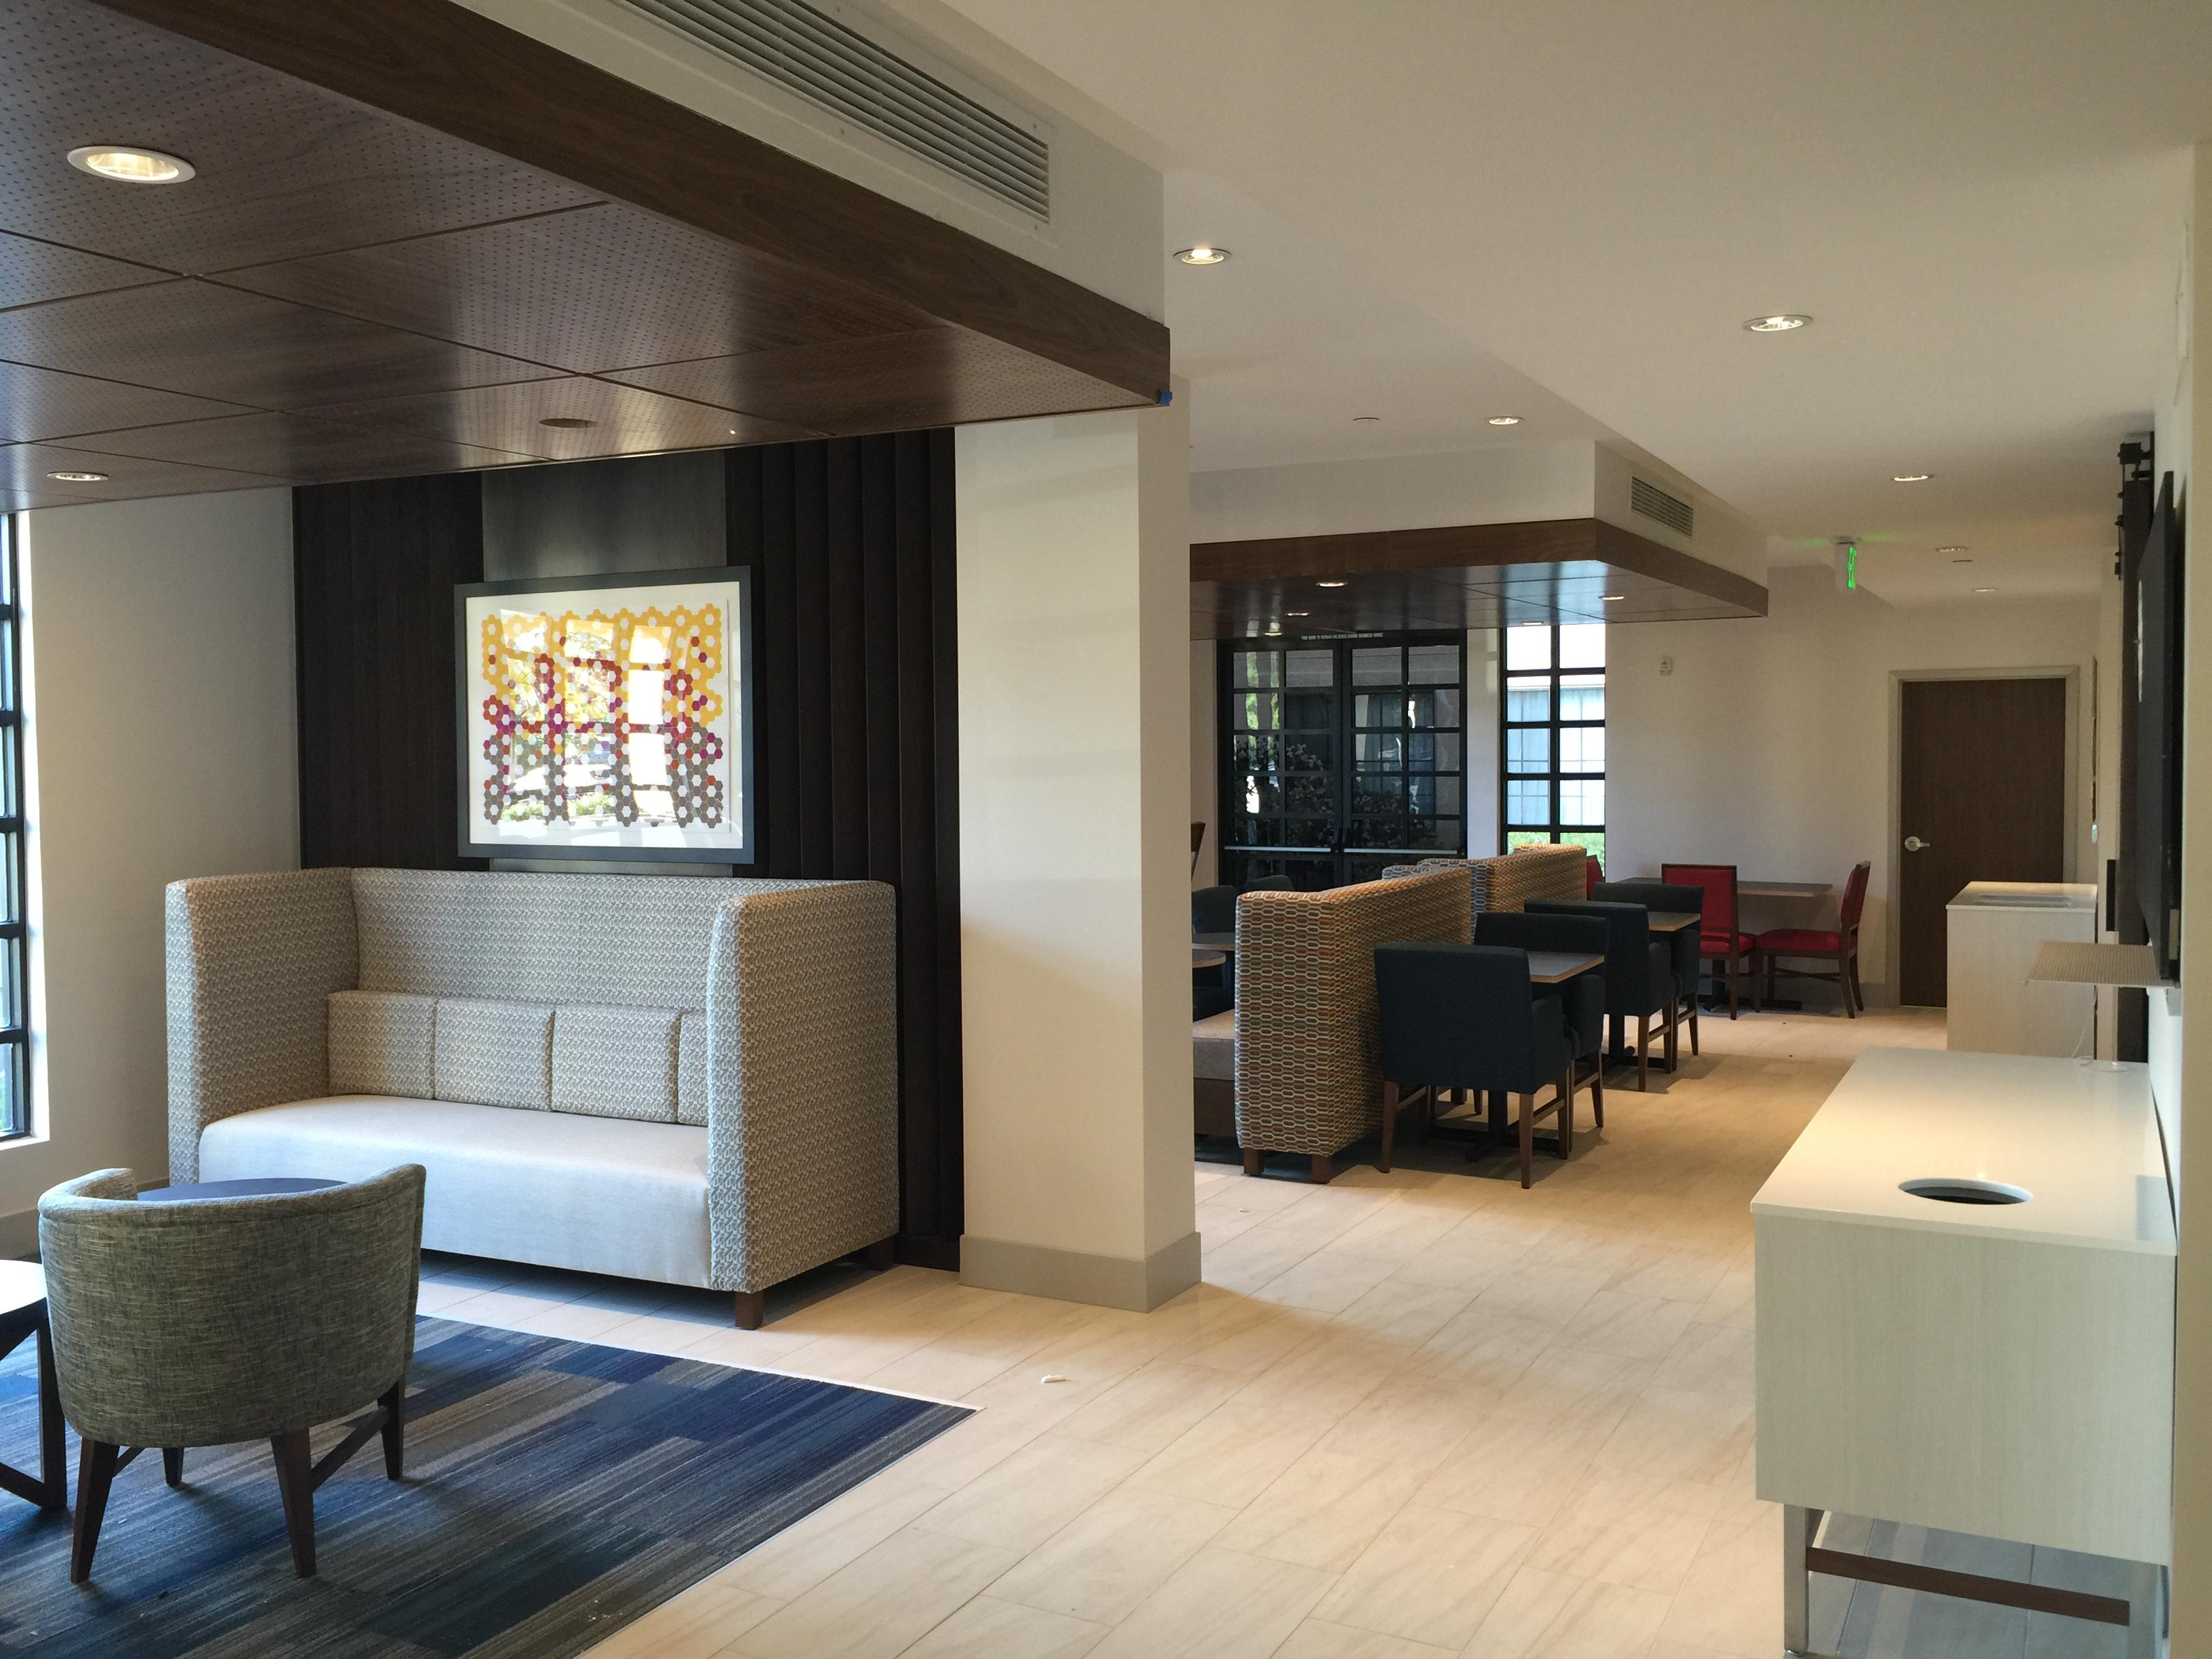 Holiday Inn Express, Mira Mesa CA